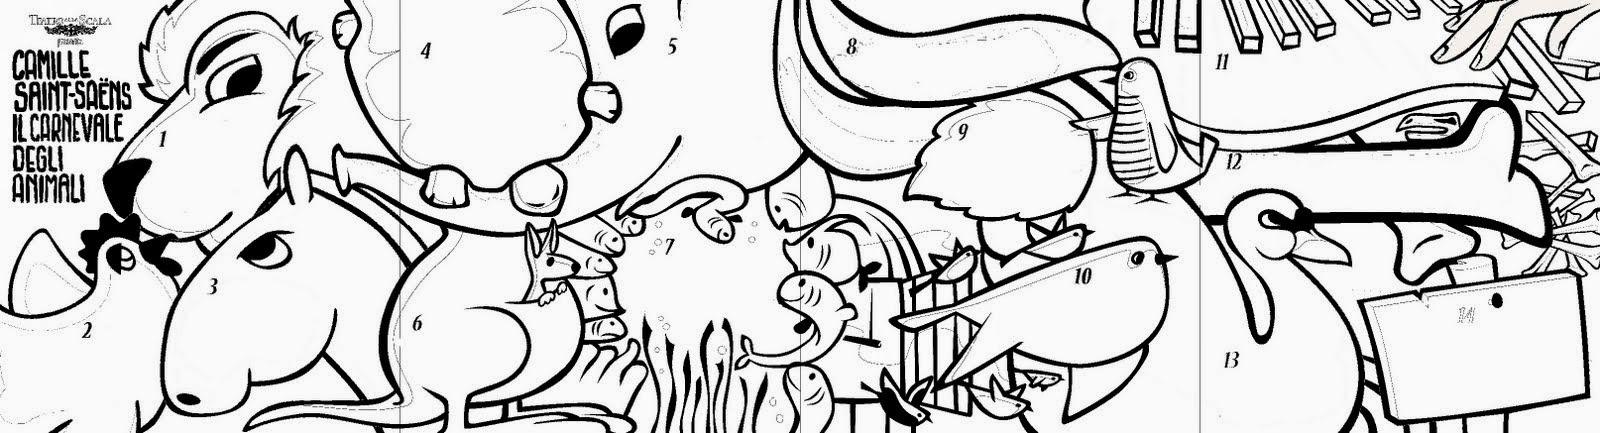 Piccoli Viaggi Musicali Il Carnevale Degli Animali 8 Finale